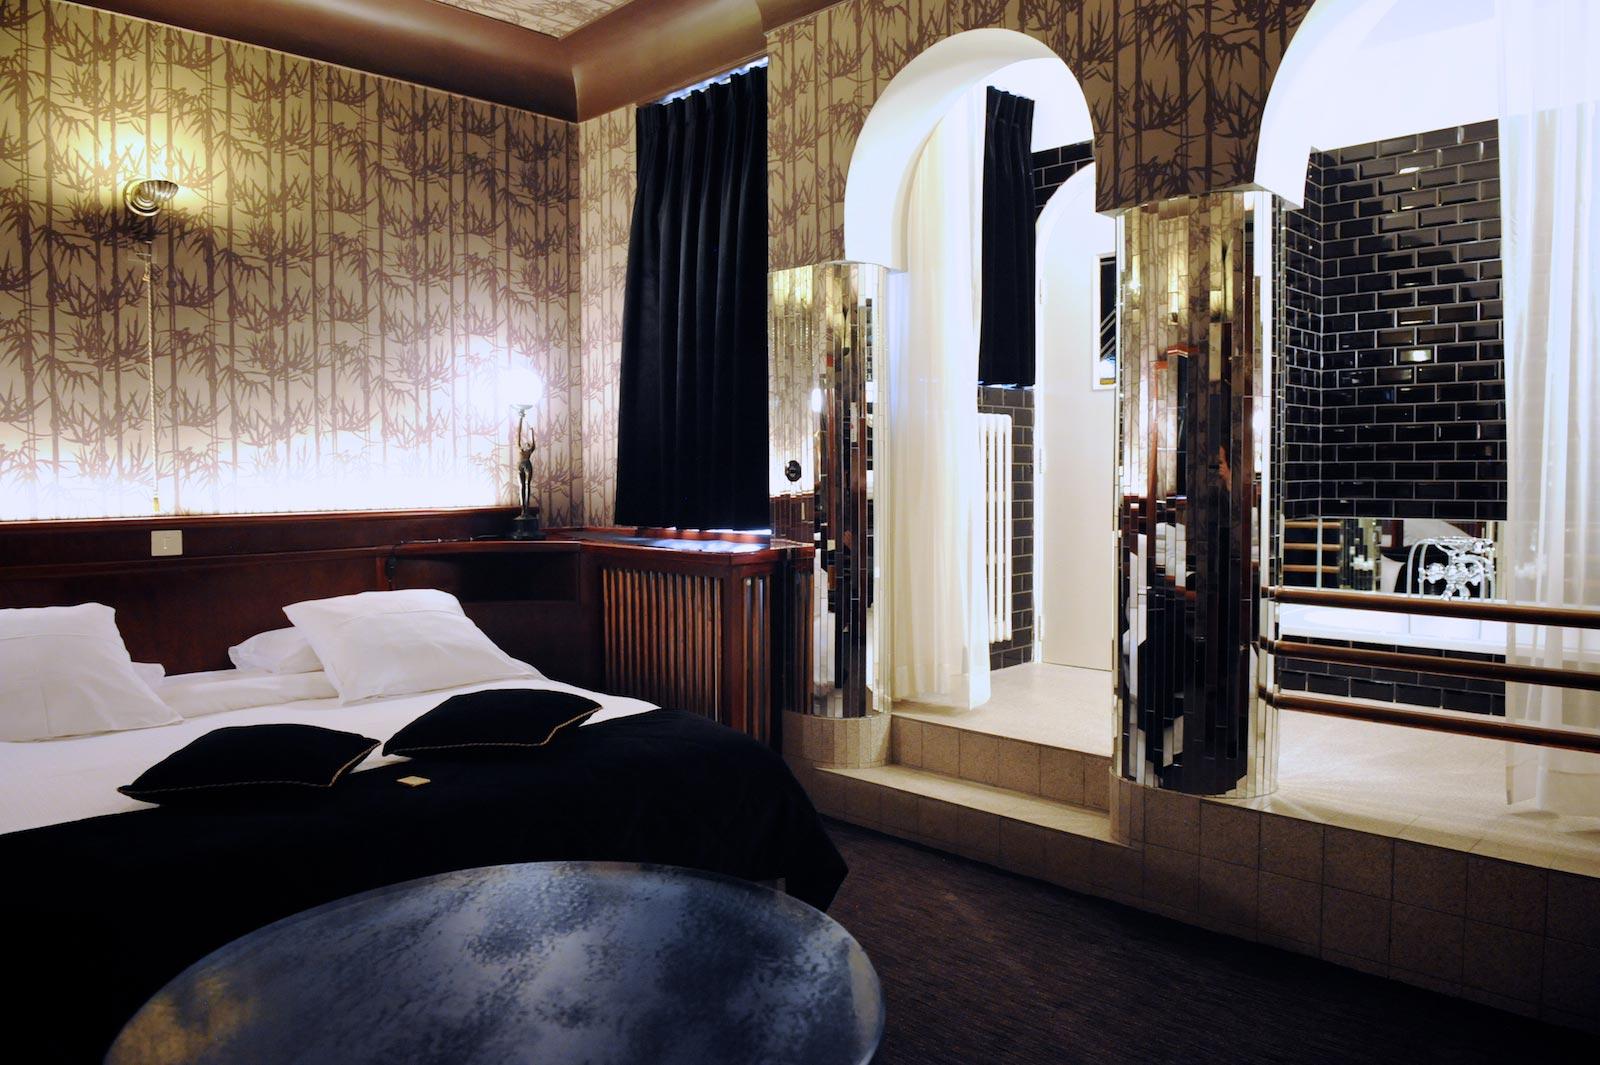 hotel-le-berger-rooms-superieur-ambre-08-16.jpg